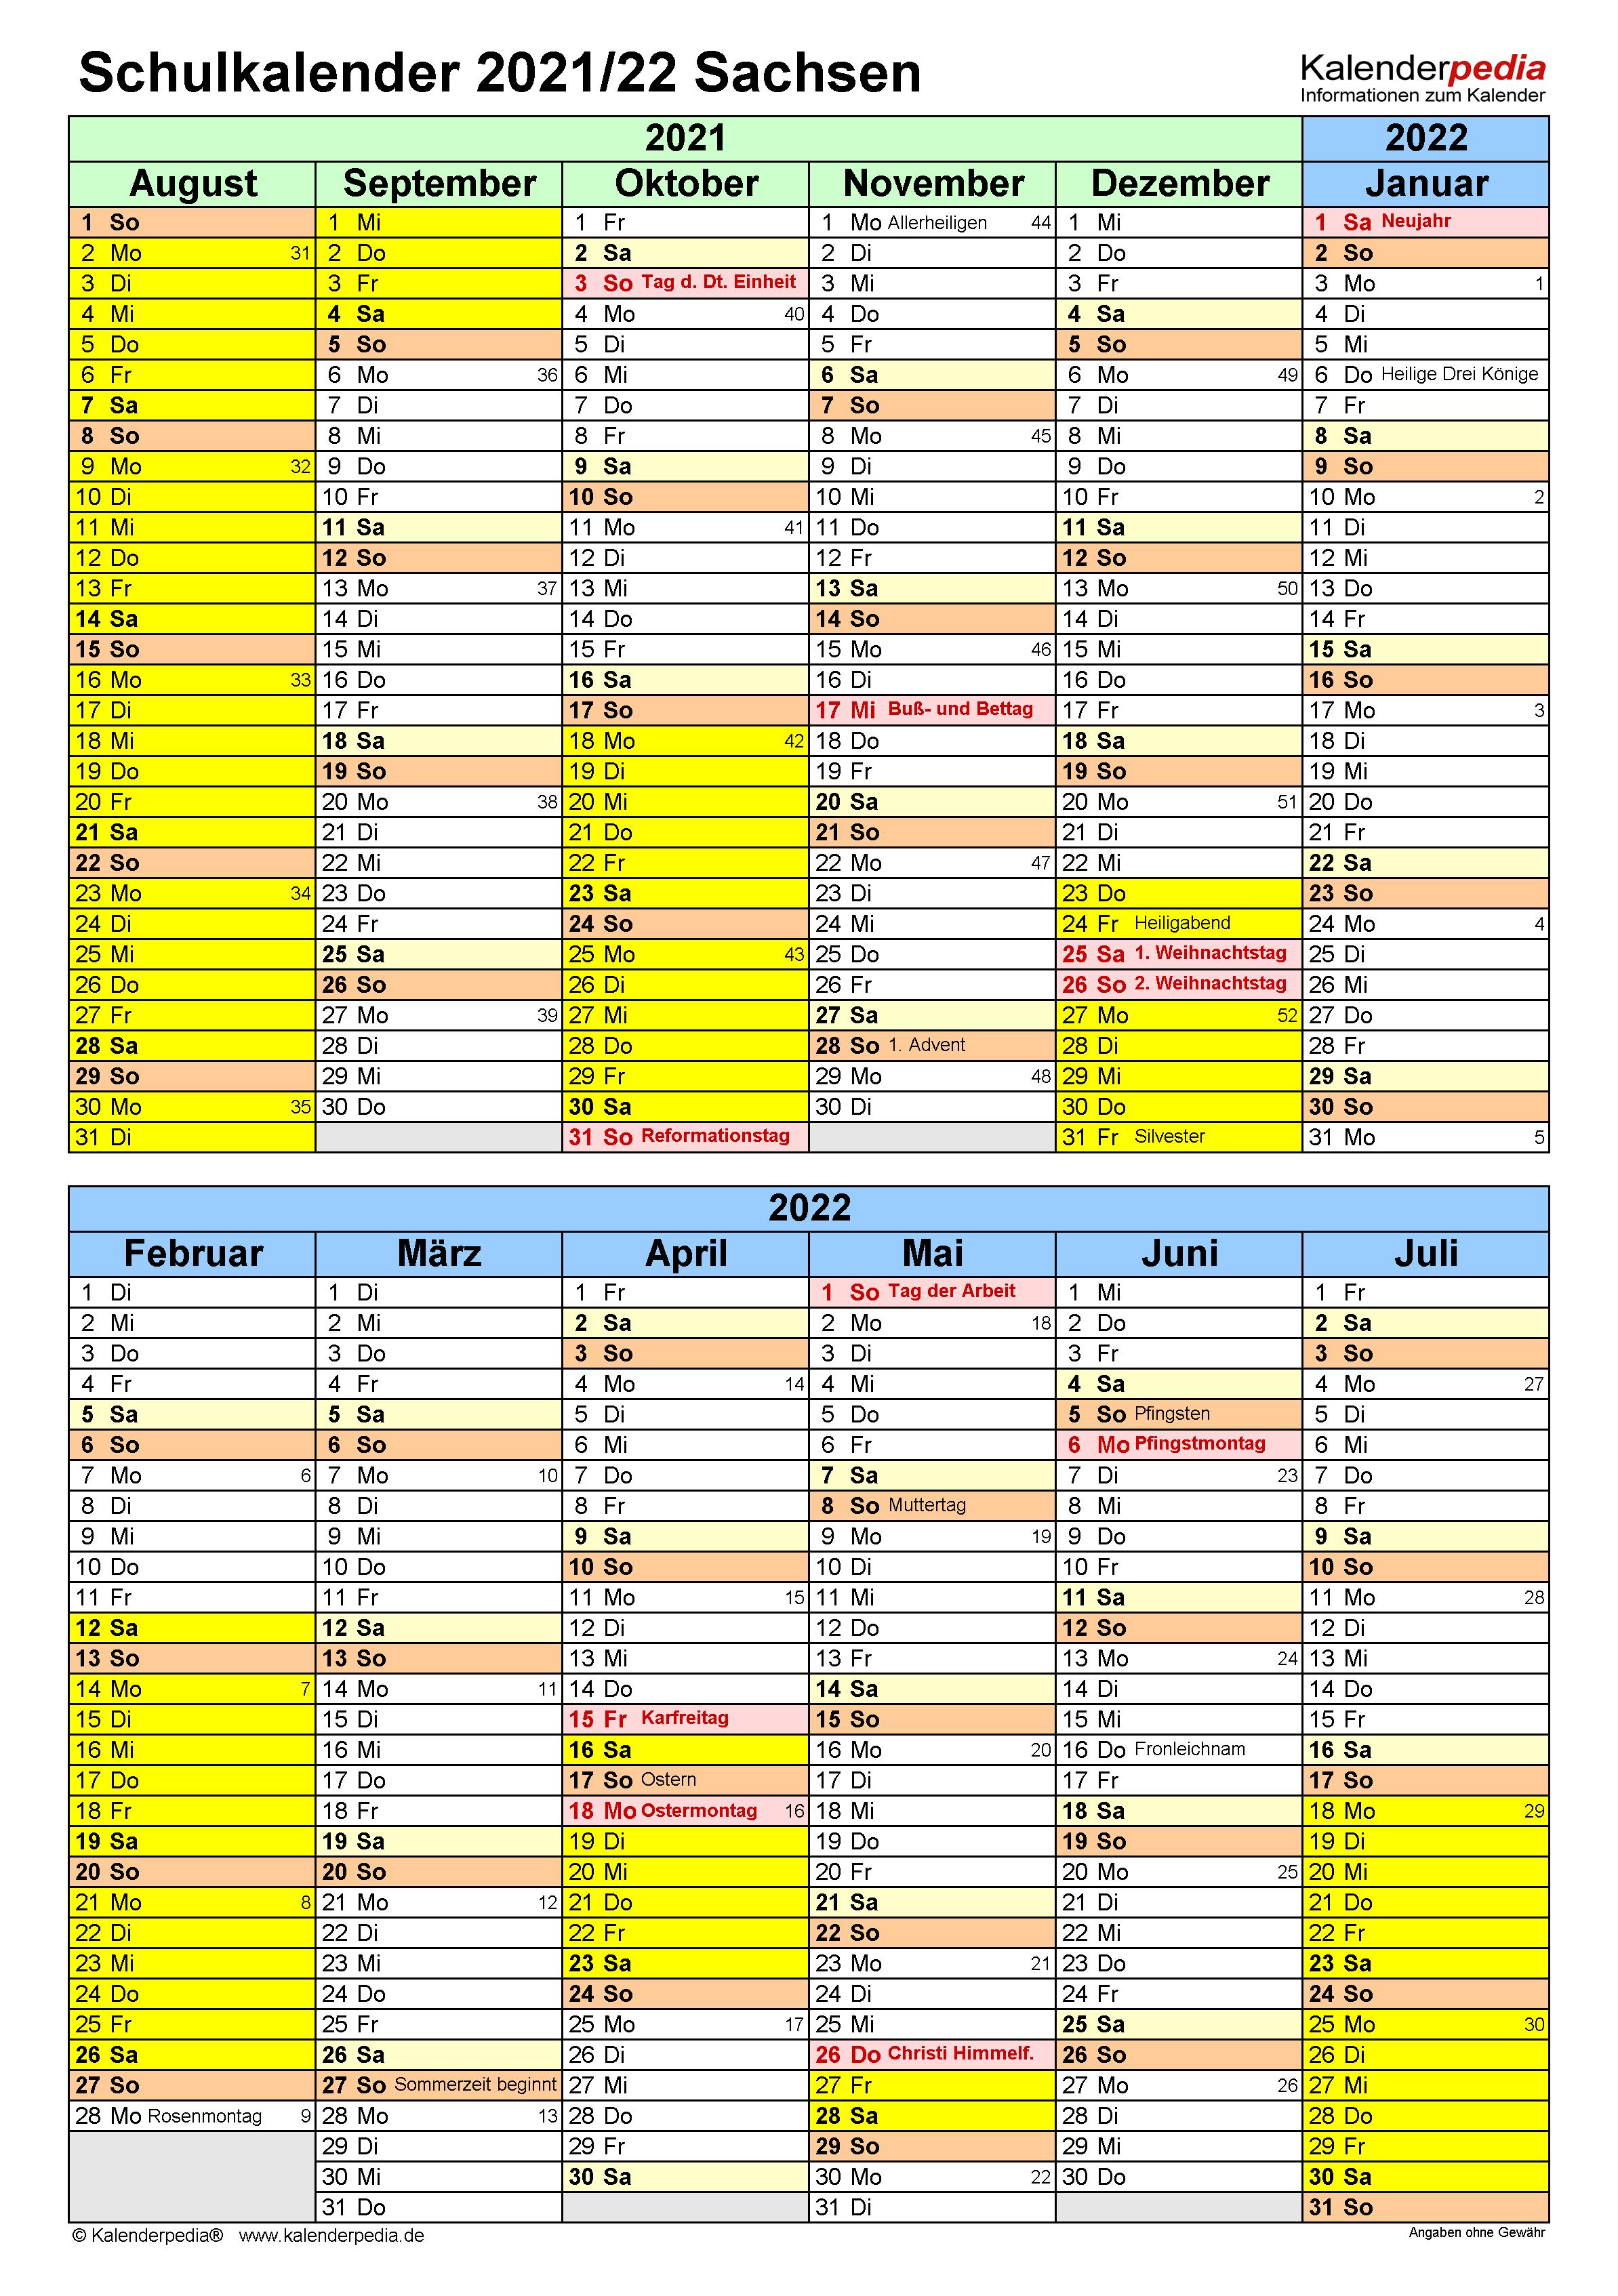 Schulkalender 2021/2022 Sachsen für Word